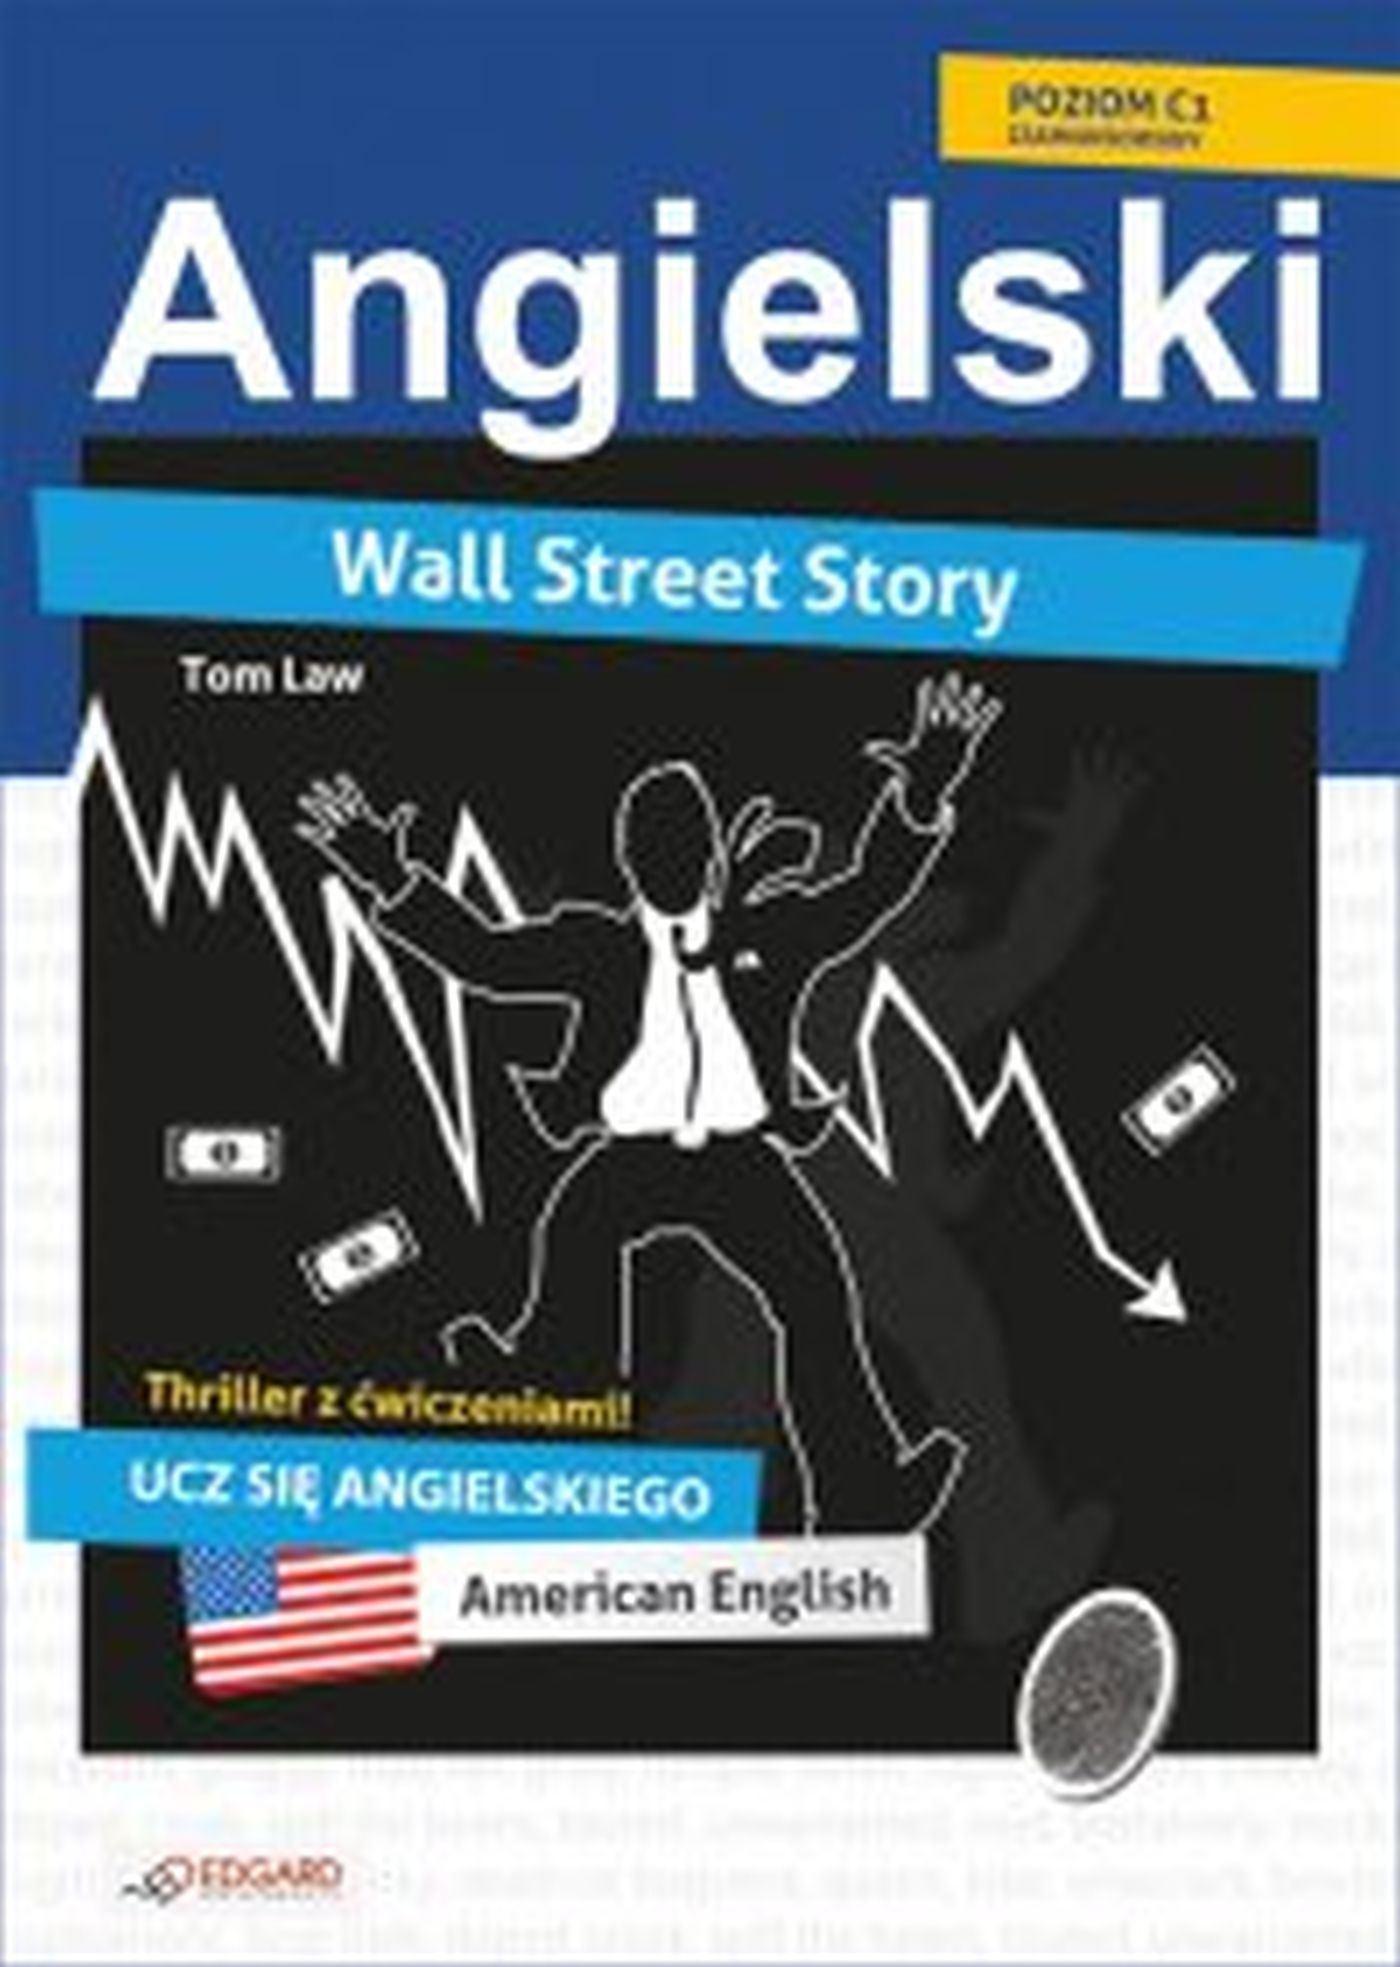 Wall Street Story. Angielski thriller z ćwiczeniami - Ebook (Książka EPUB) do pobrania w formacie EPUB